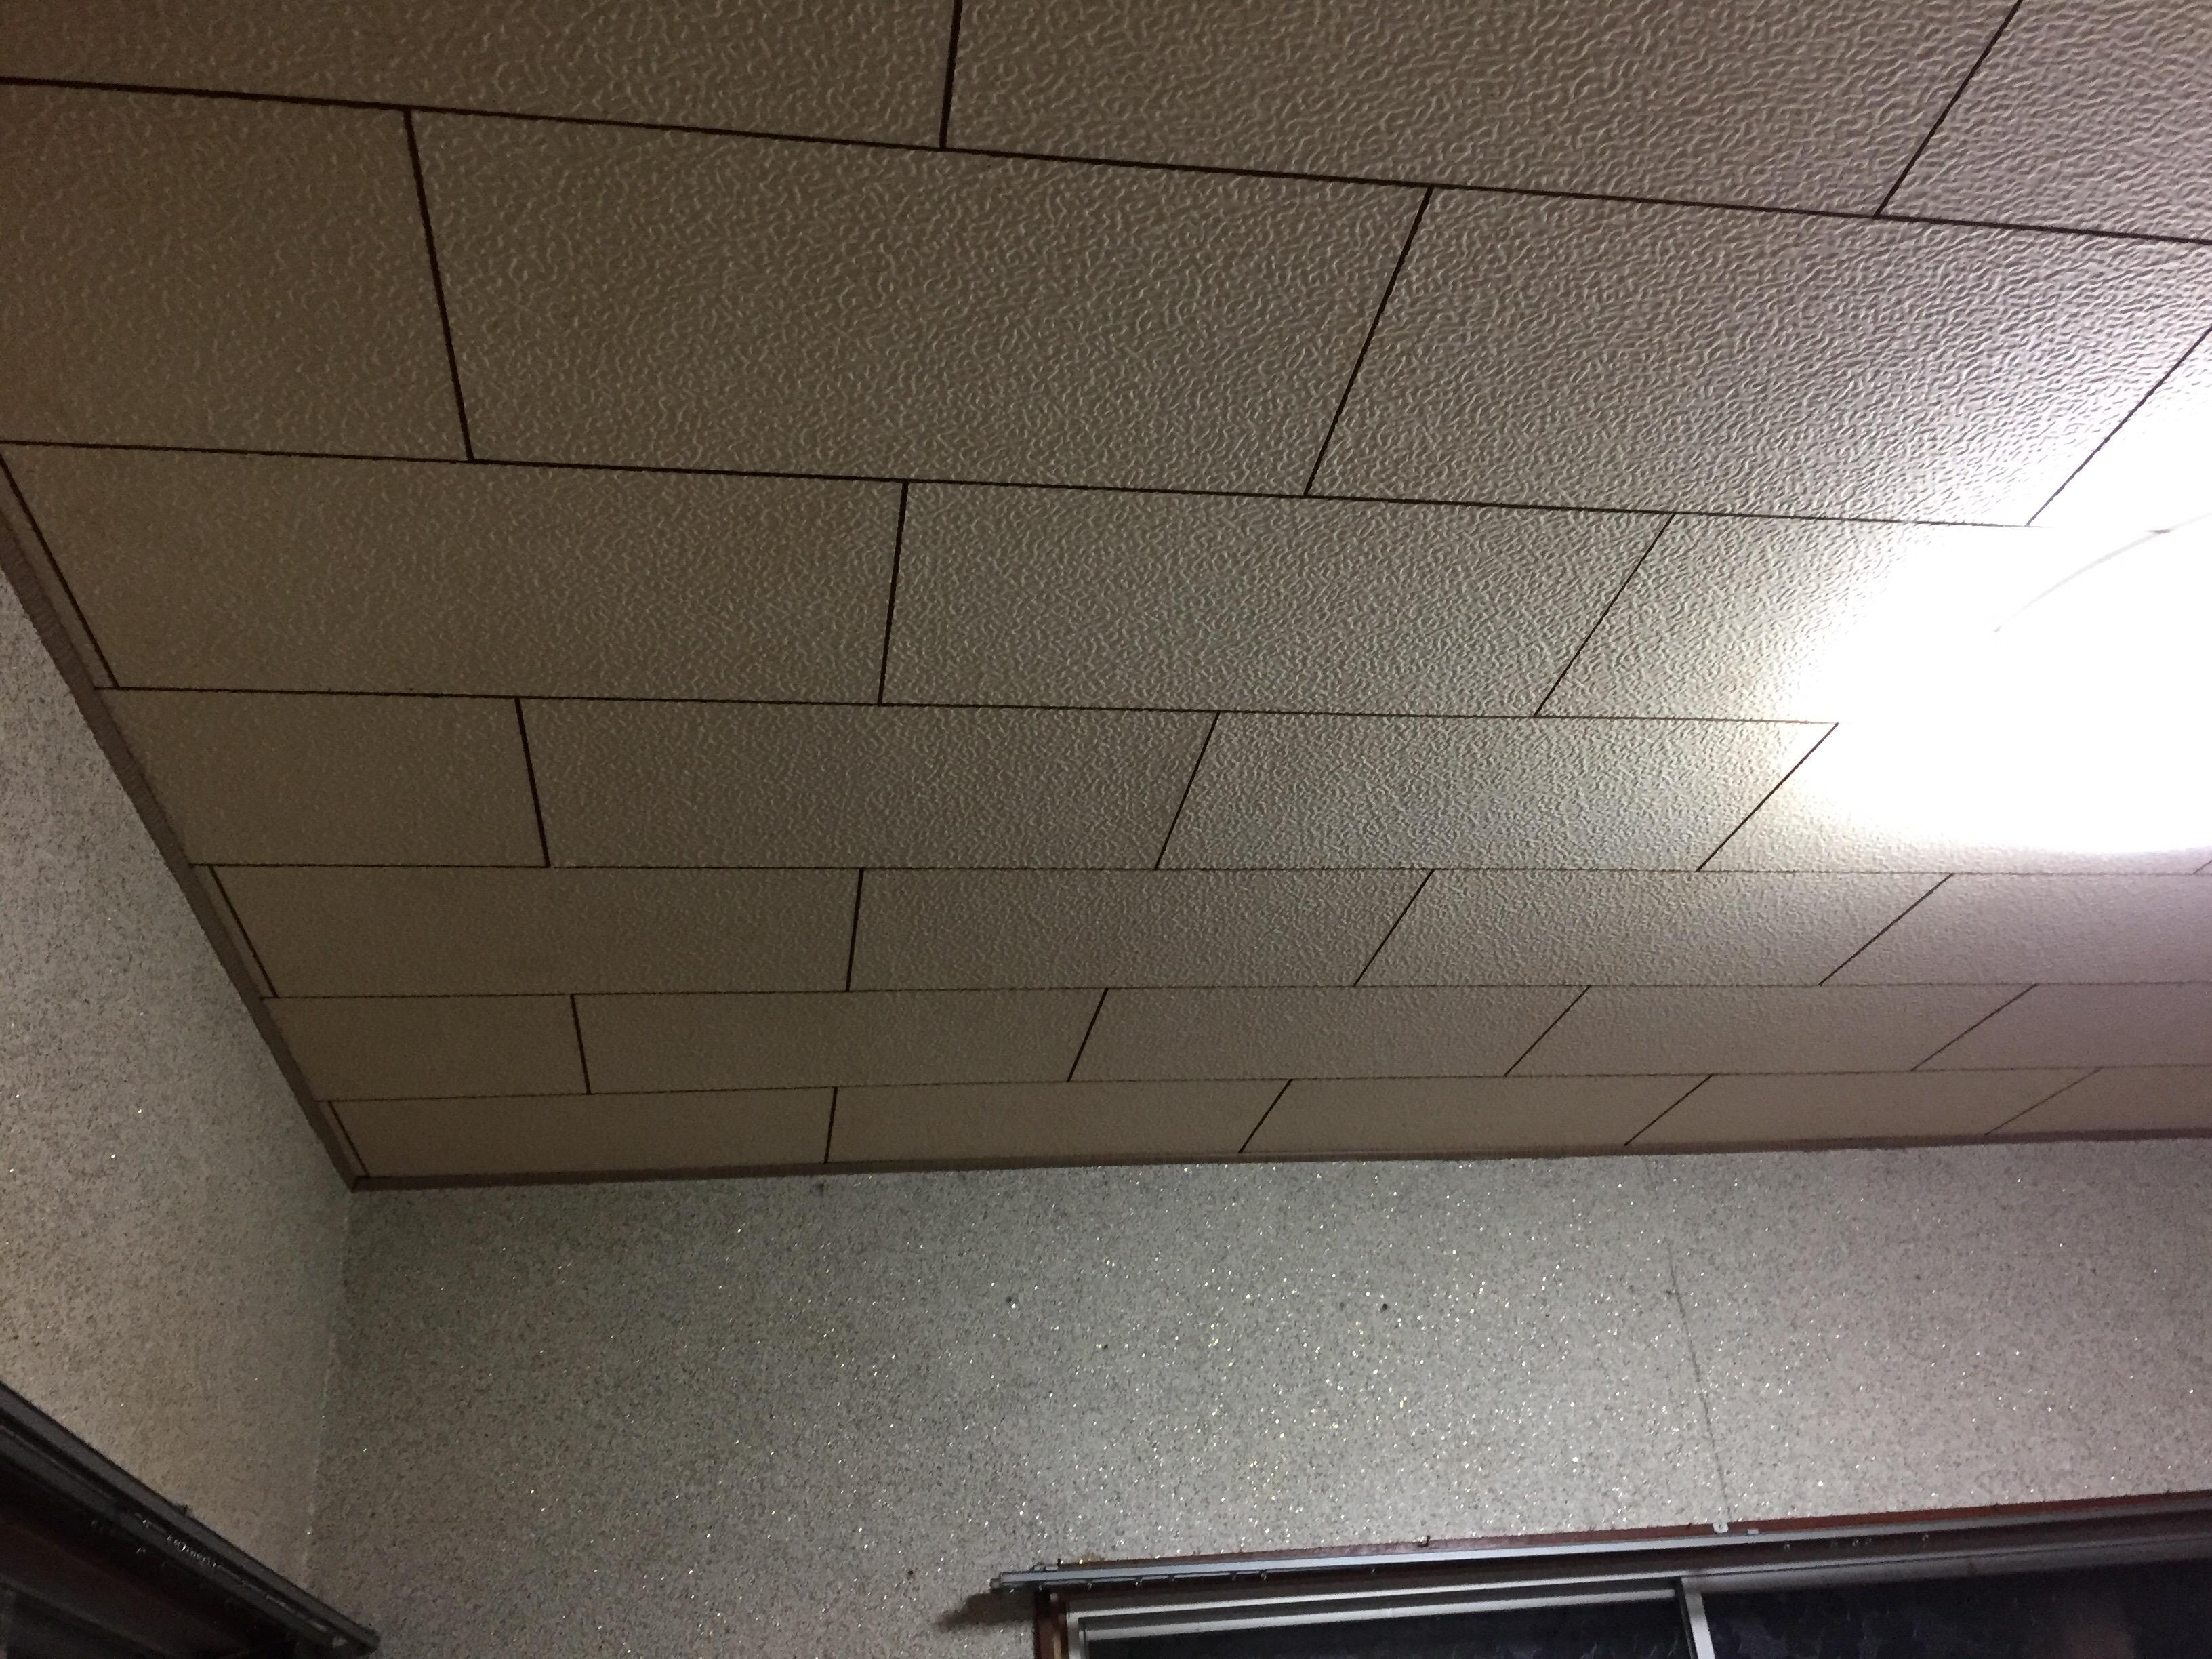 子供部屋へリフォーム 施工前 天井